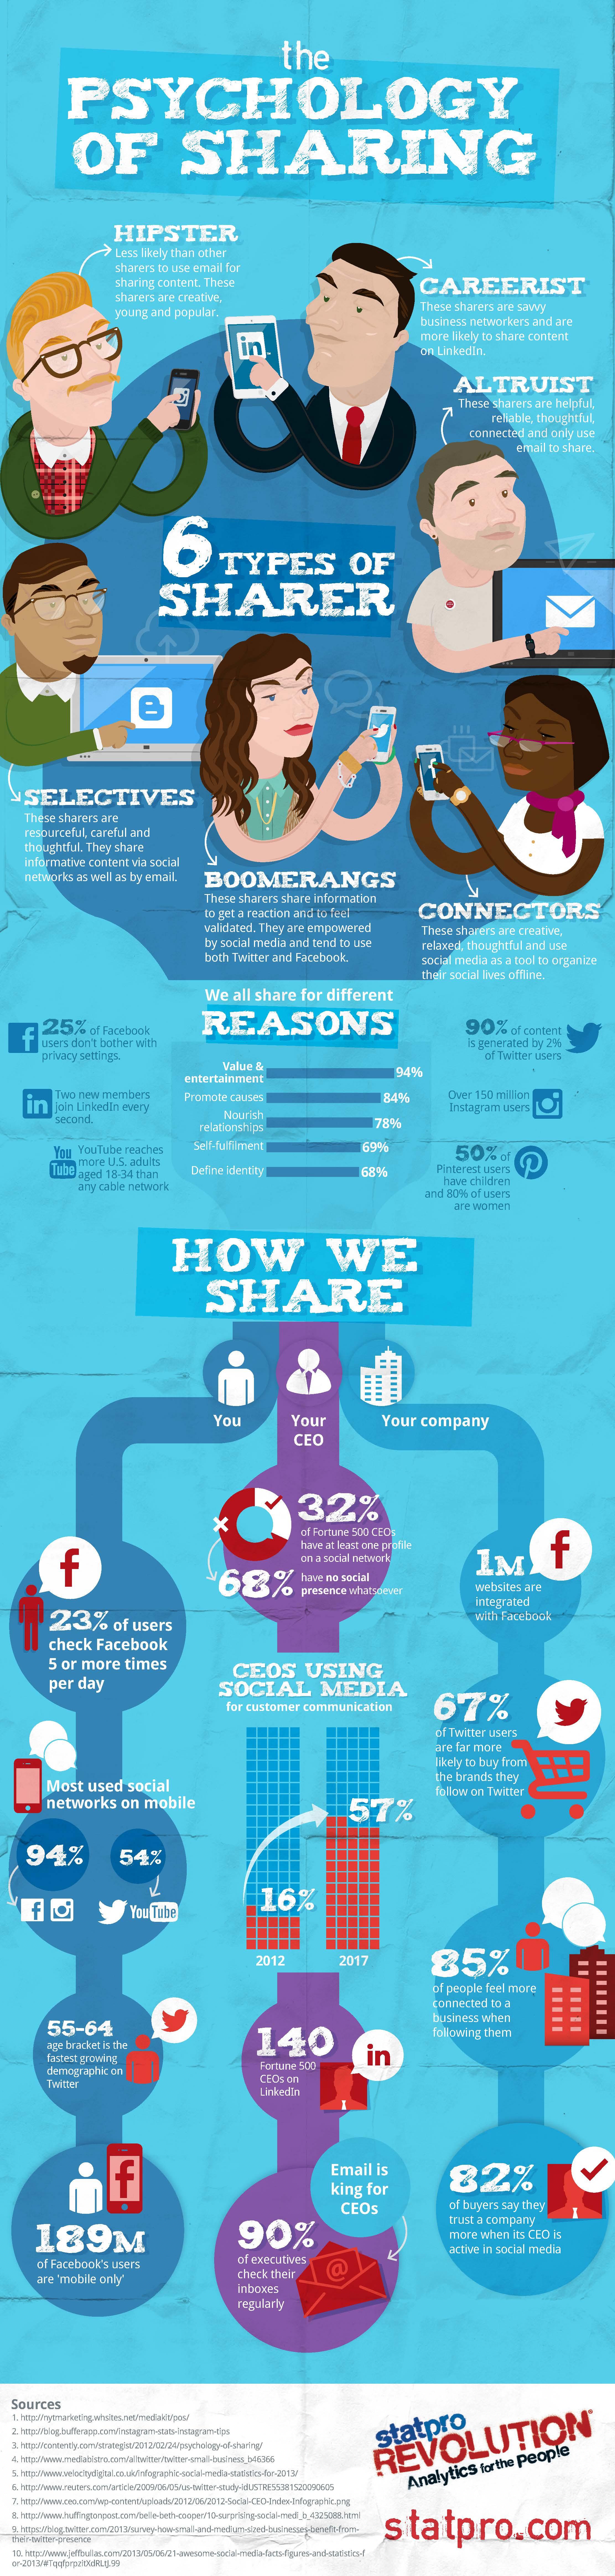 Hay 6 tipos de usuarios que comparten contenido en la red, ¿con cuál se identifica más?